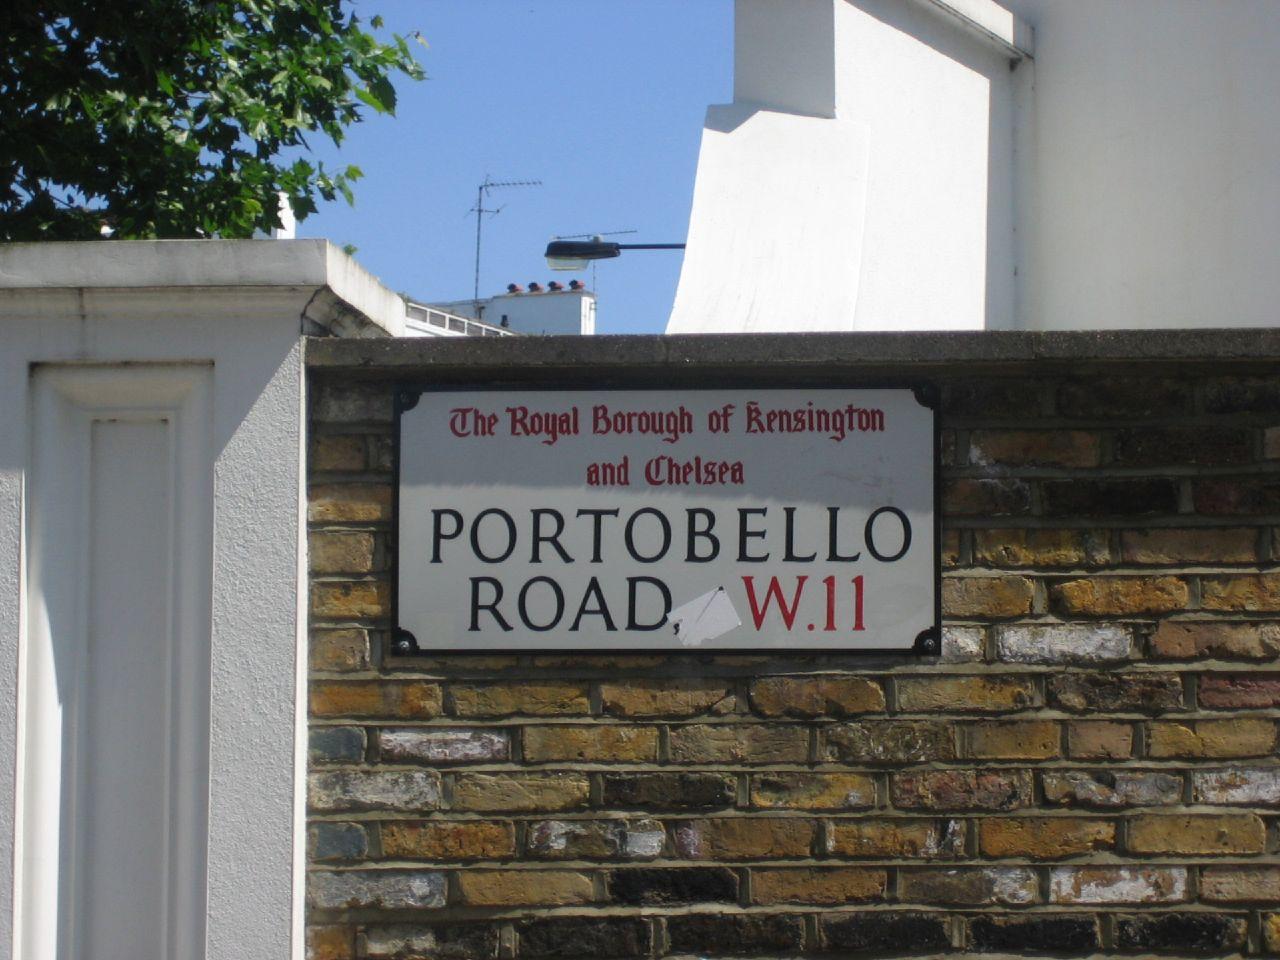 Portobello Road, W11, London